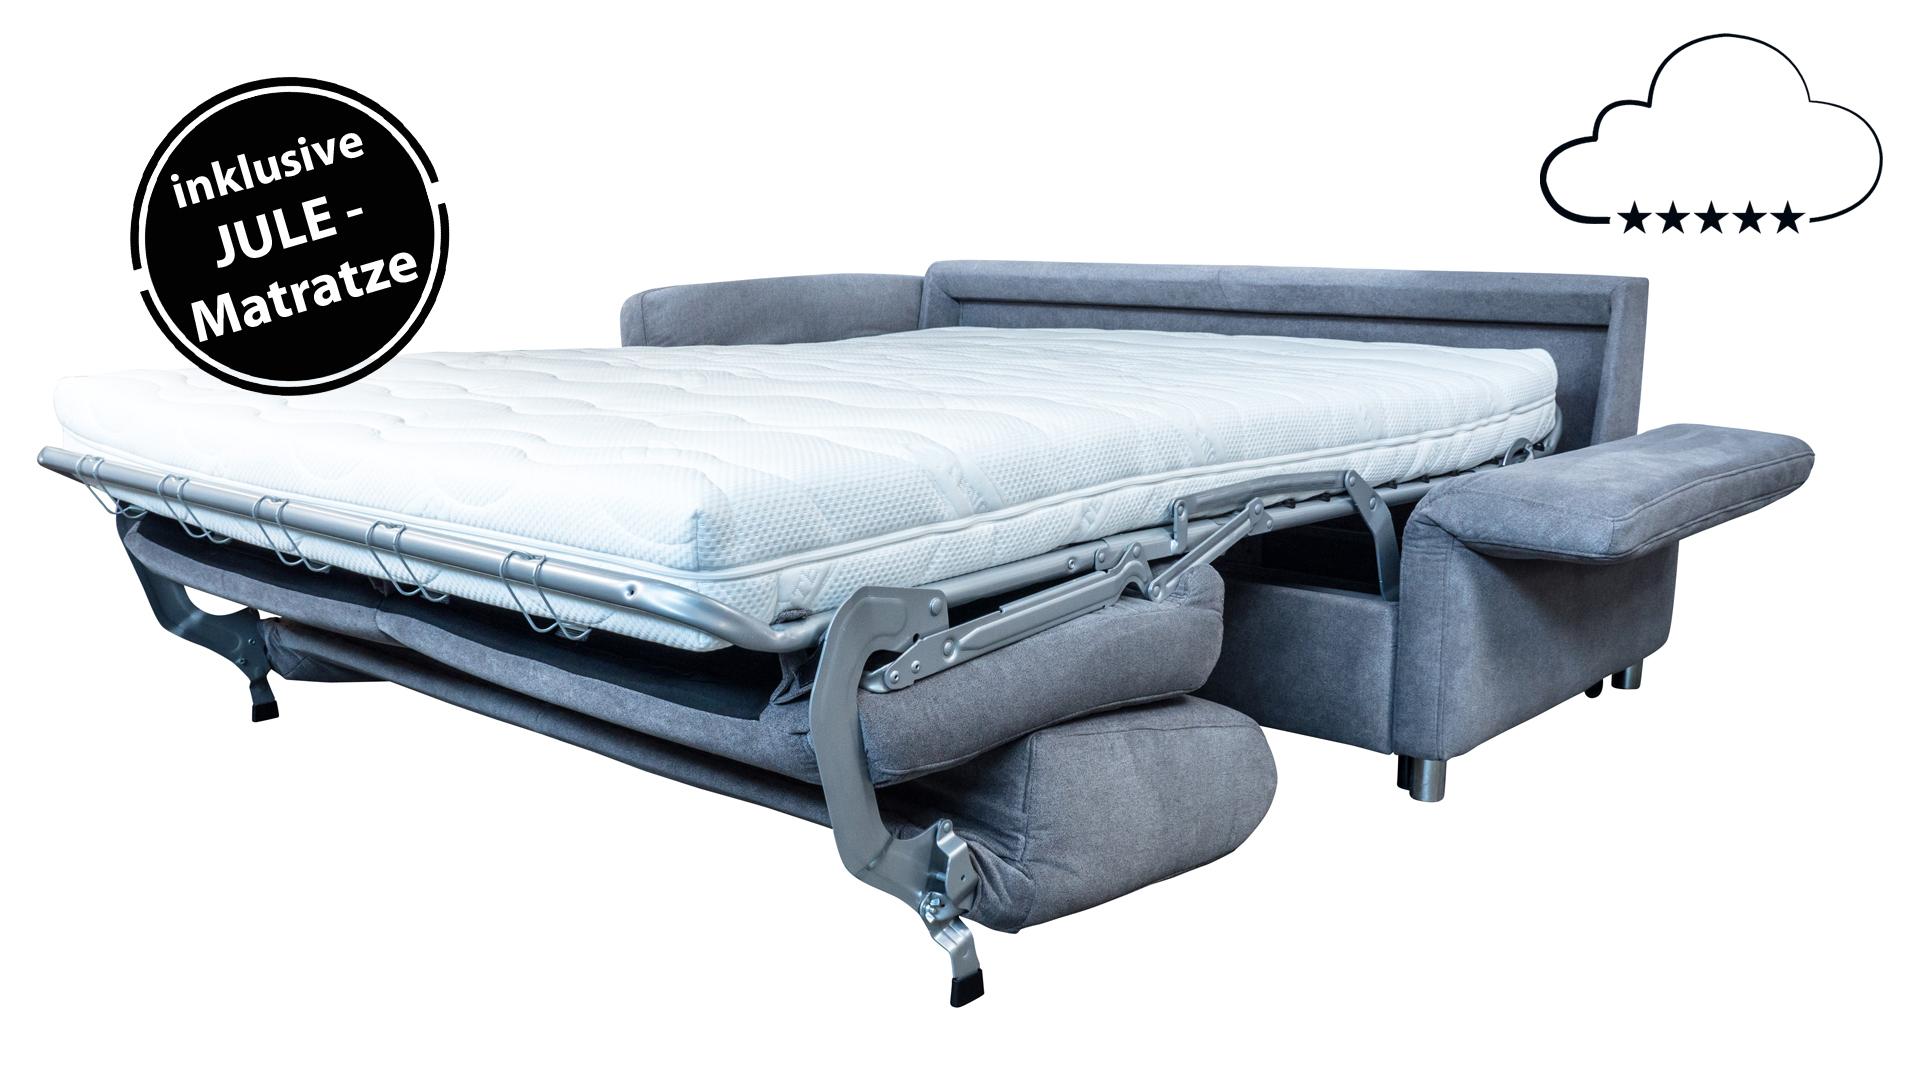 Full Size of Dauerschlfer Schlafsofa Sortiment Ausklappbares Bett Ausklappbar Wohnzimmer Couch Ausklappbar